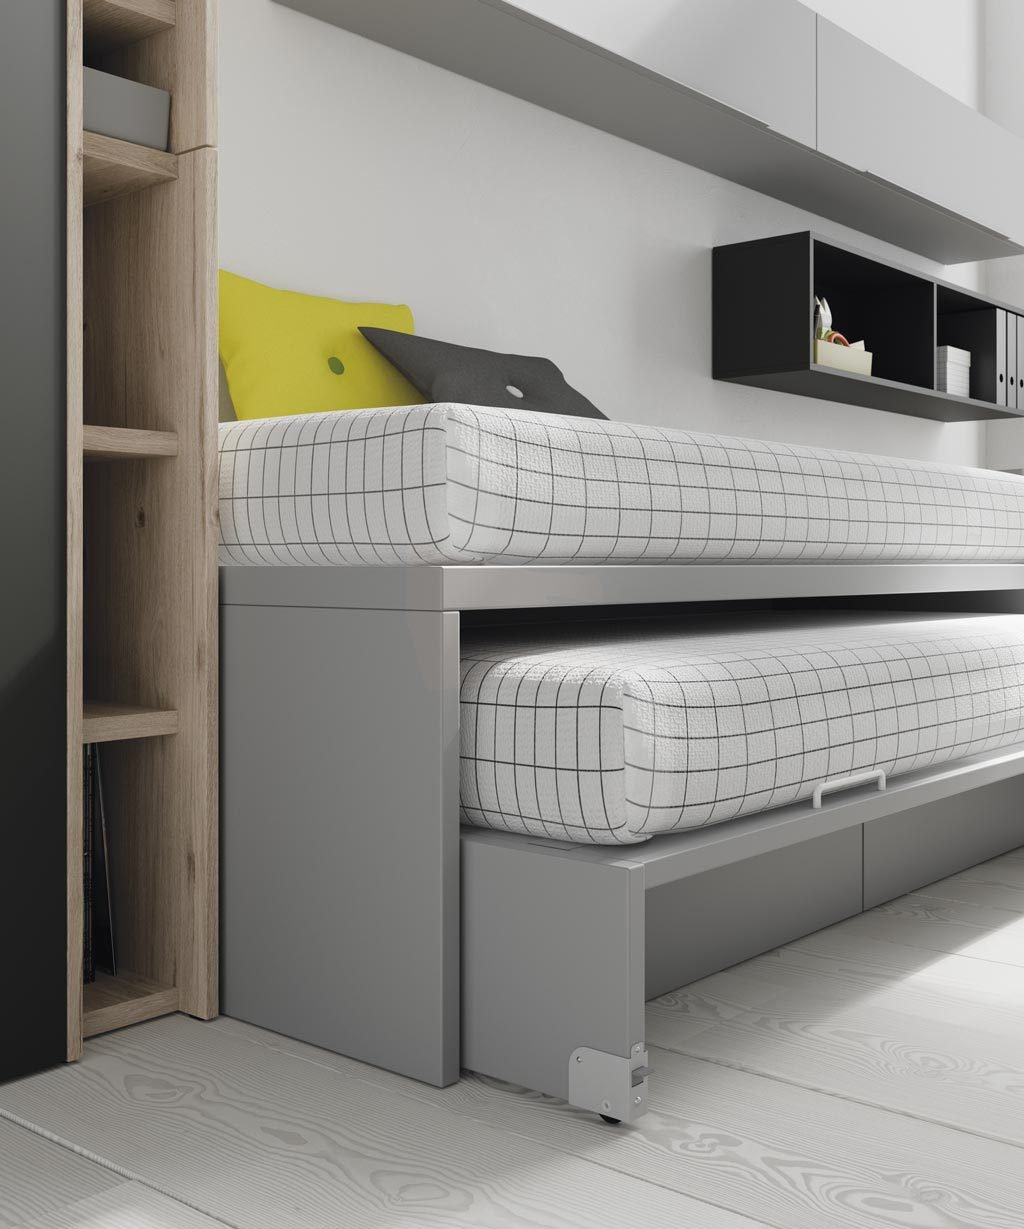 La cama inferior de arrastre te permite disponer de otra cama en la habitación